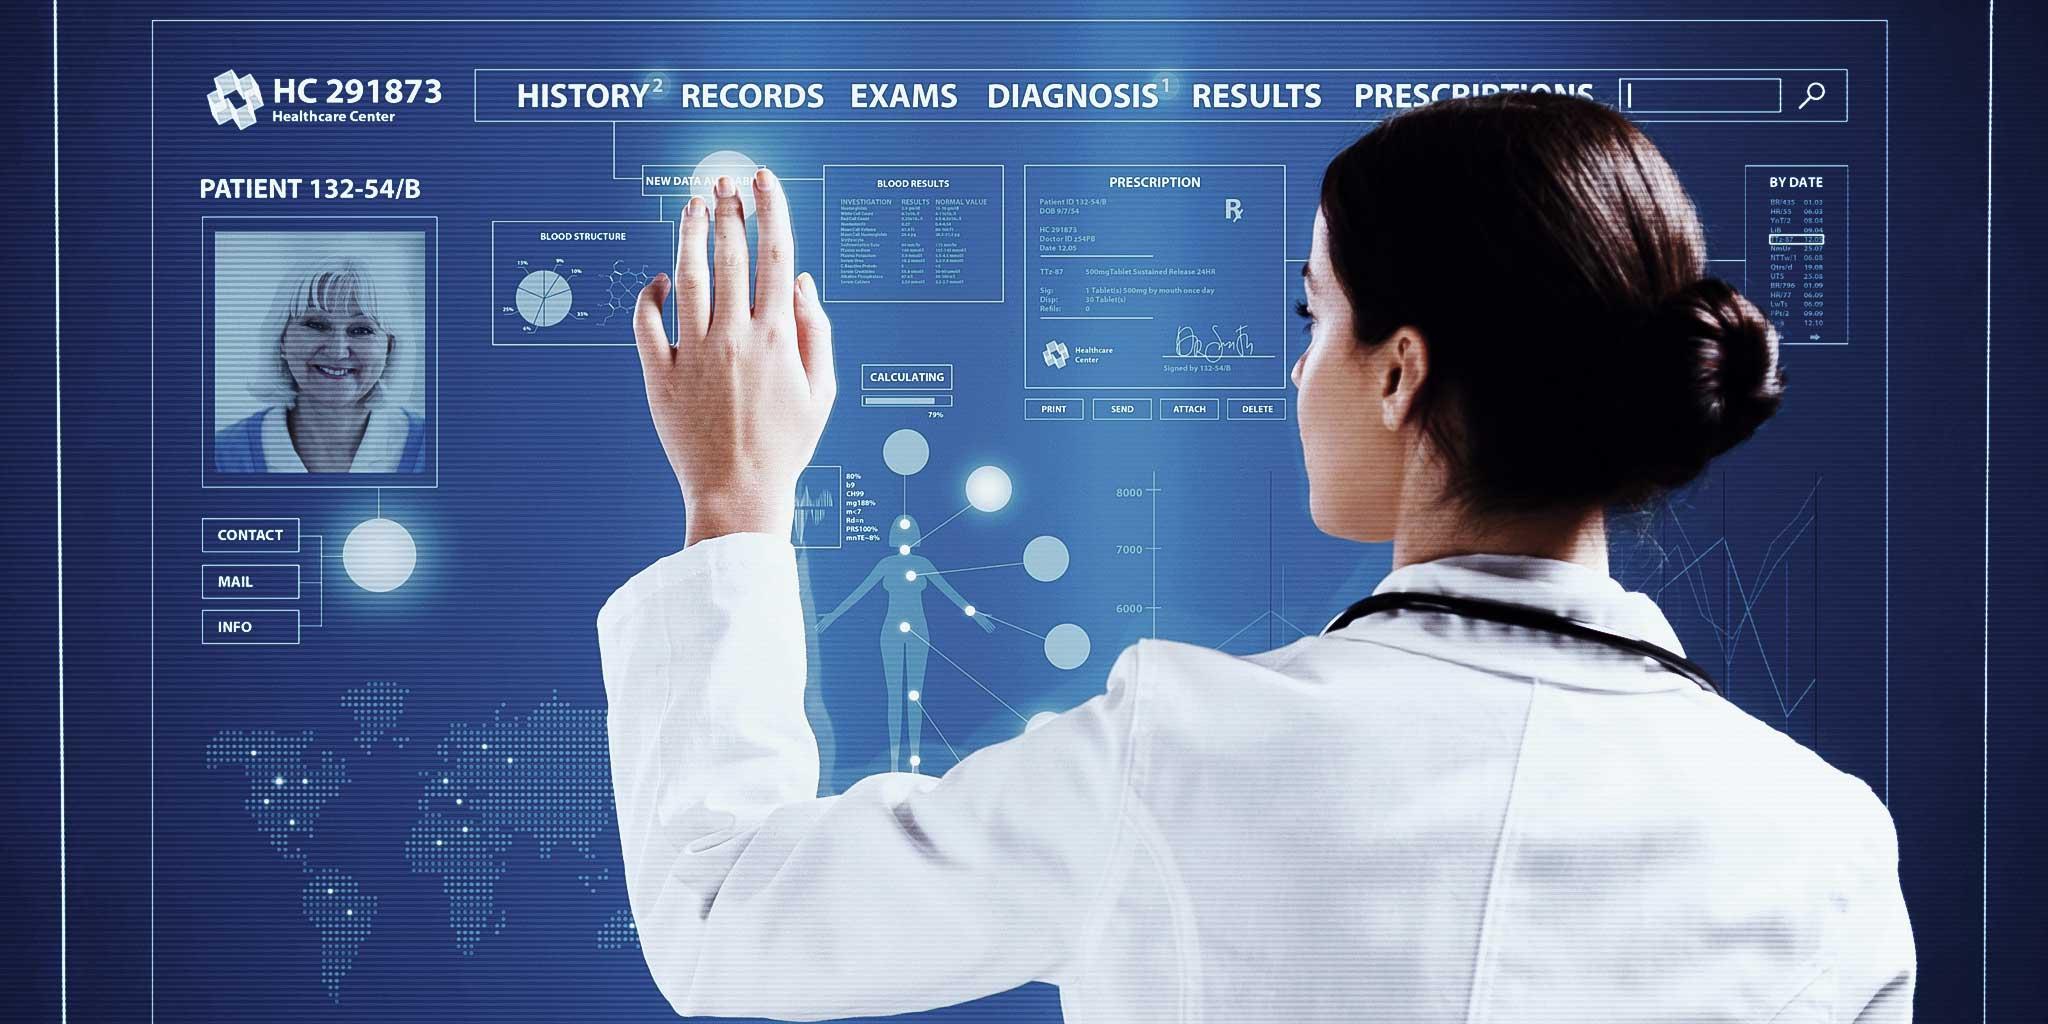 Vrouw in een labojas kijkend naar een scherm met patiëntengegevens